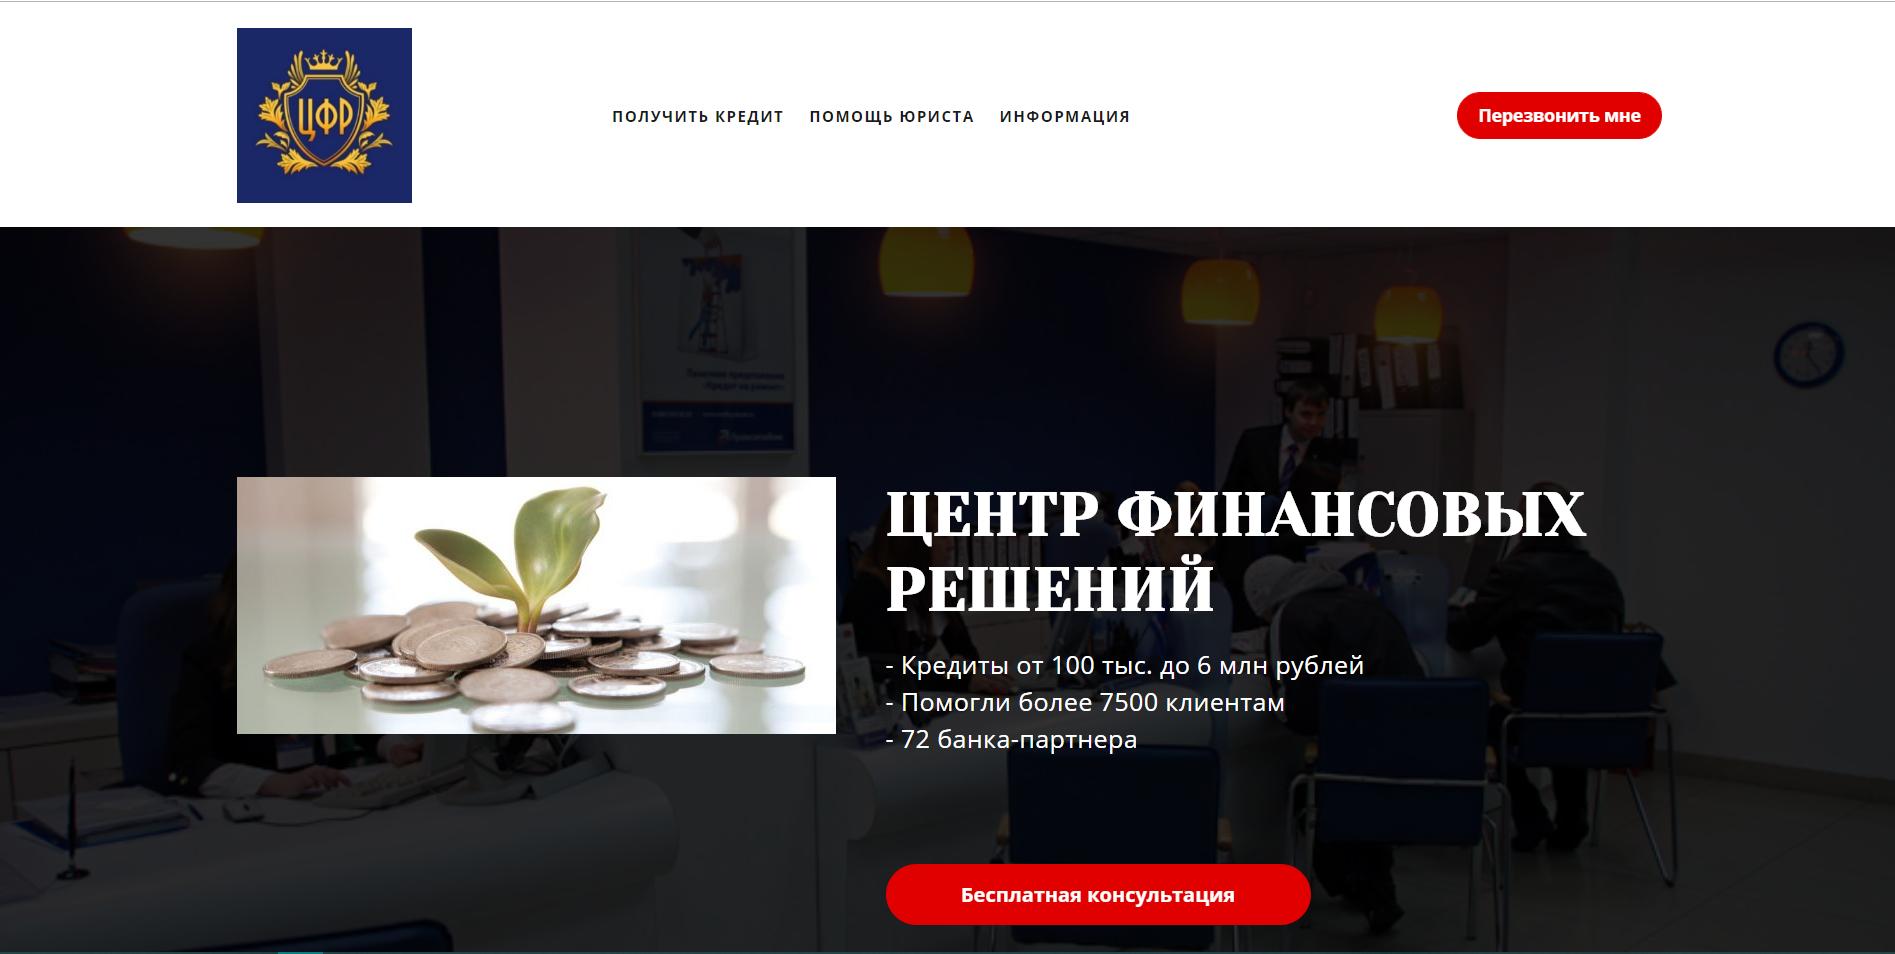 взять кредит до 100 тысяч рублей